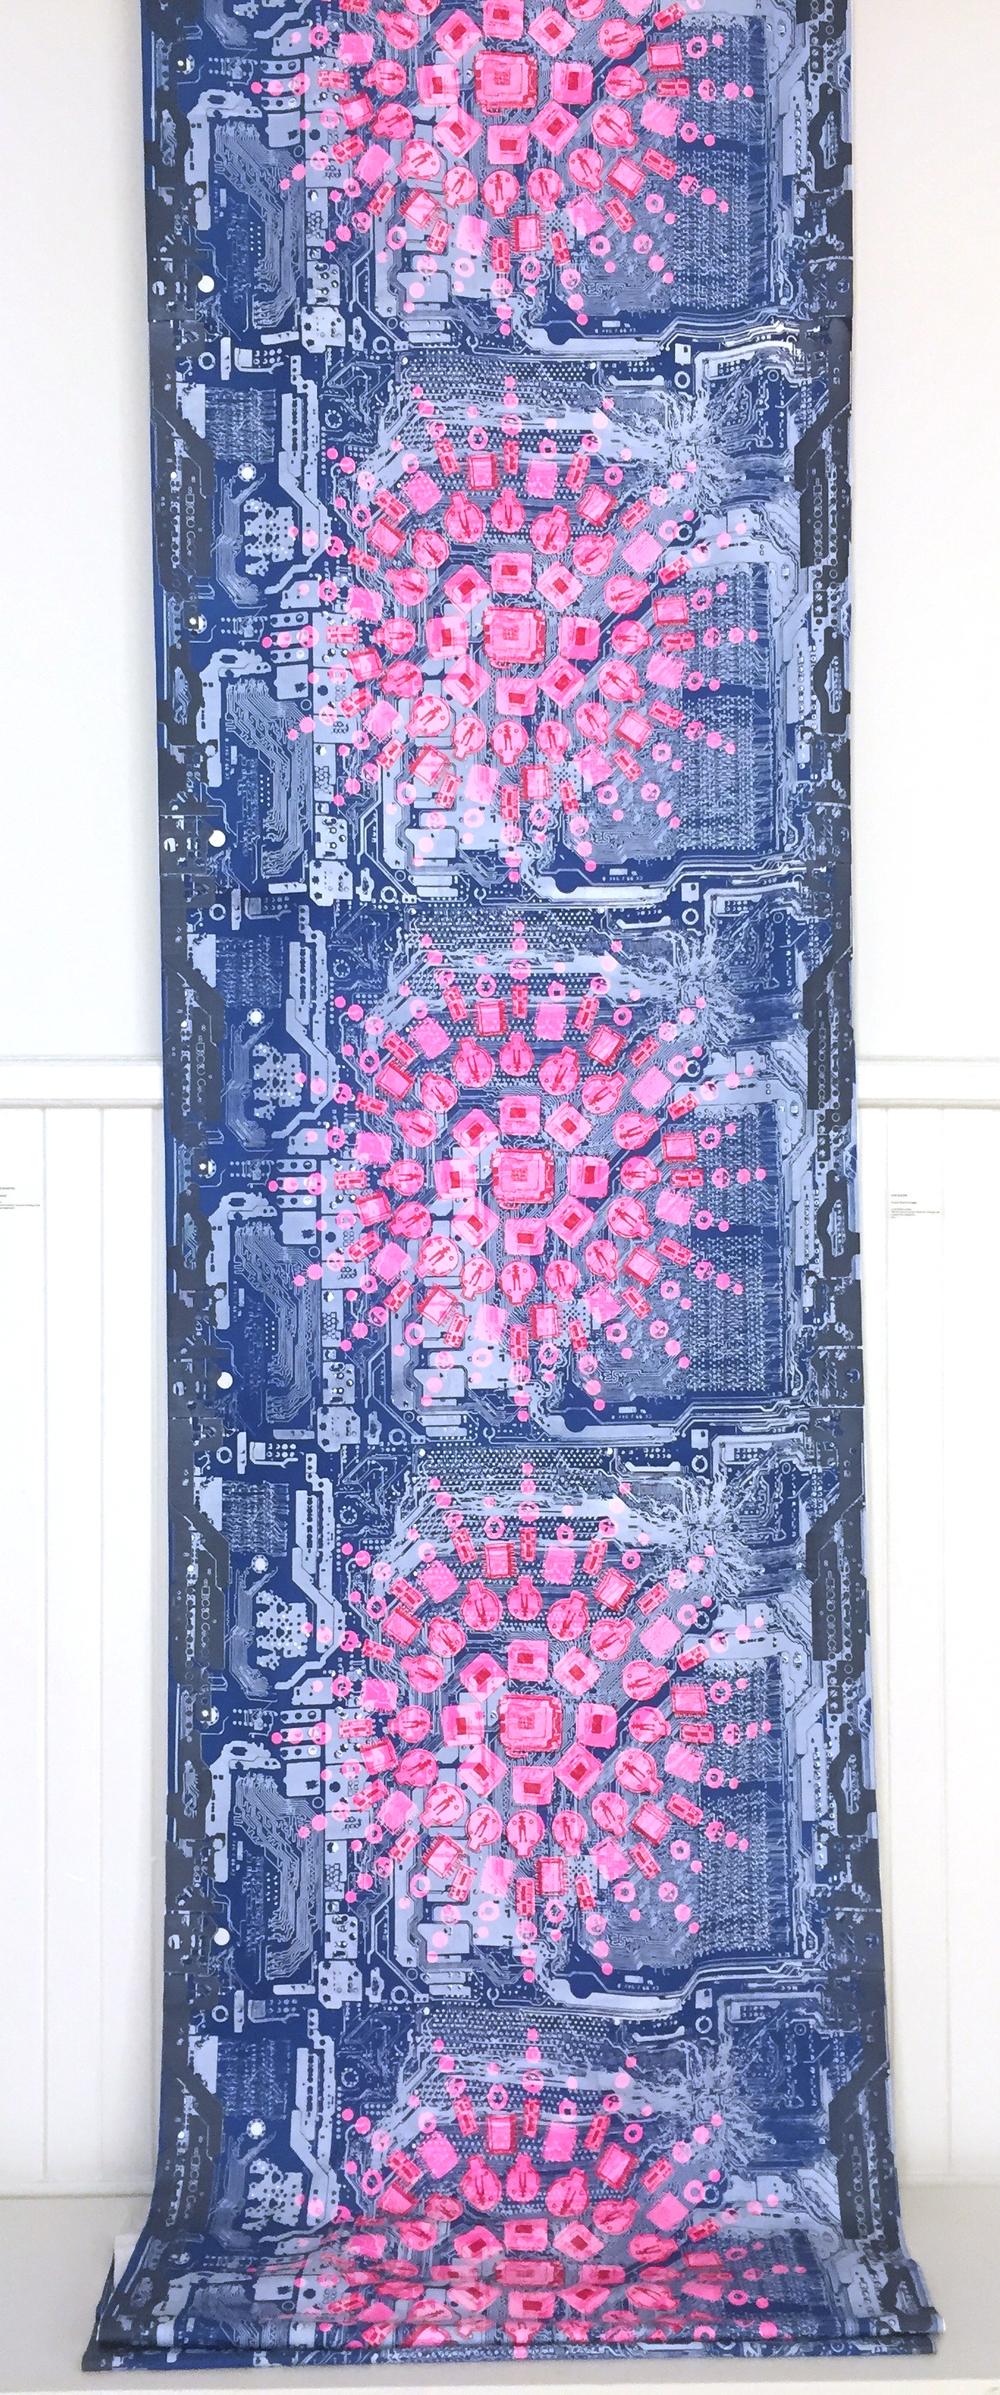 Circuitboard_Yardage_BluePink.jpg